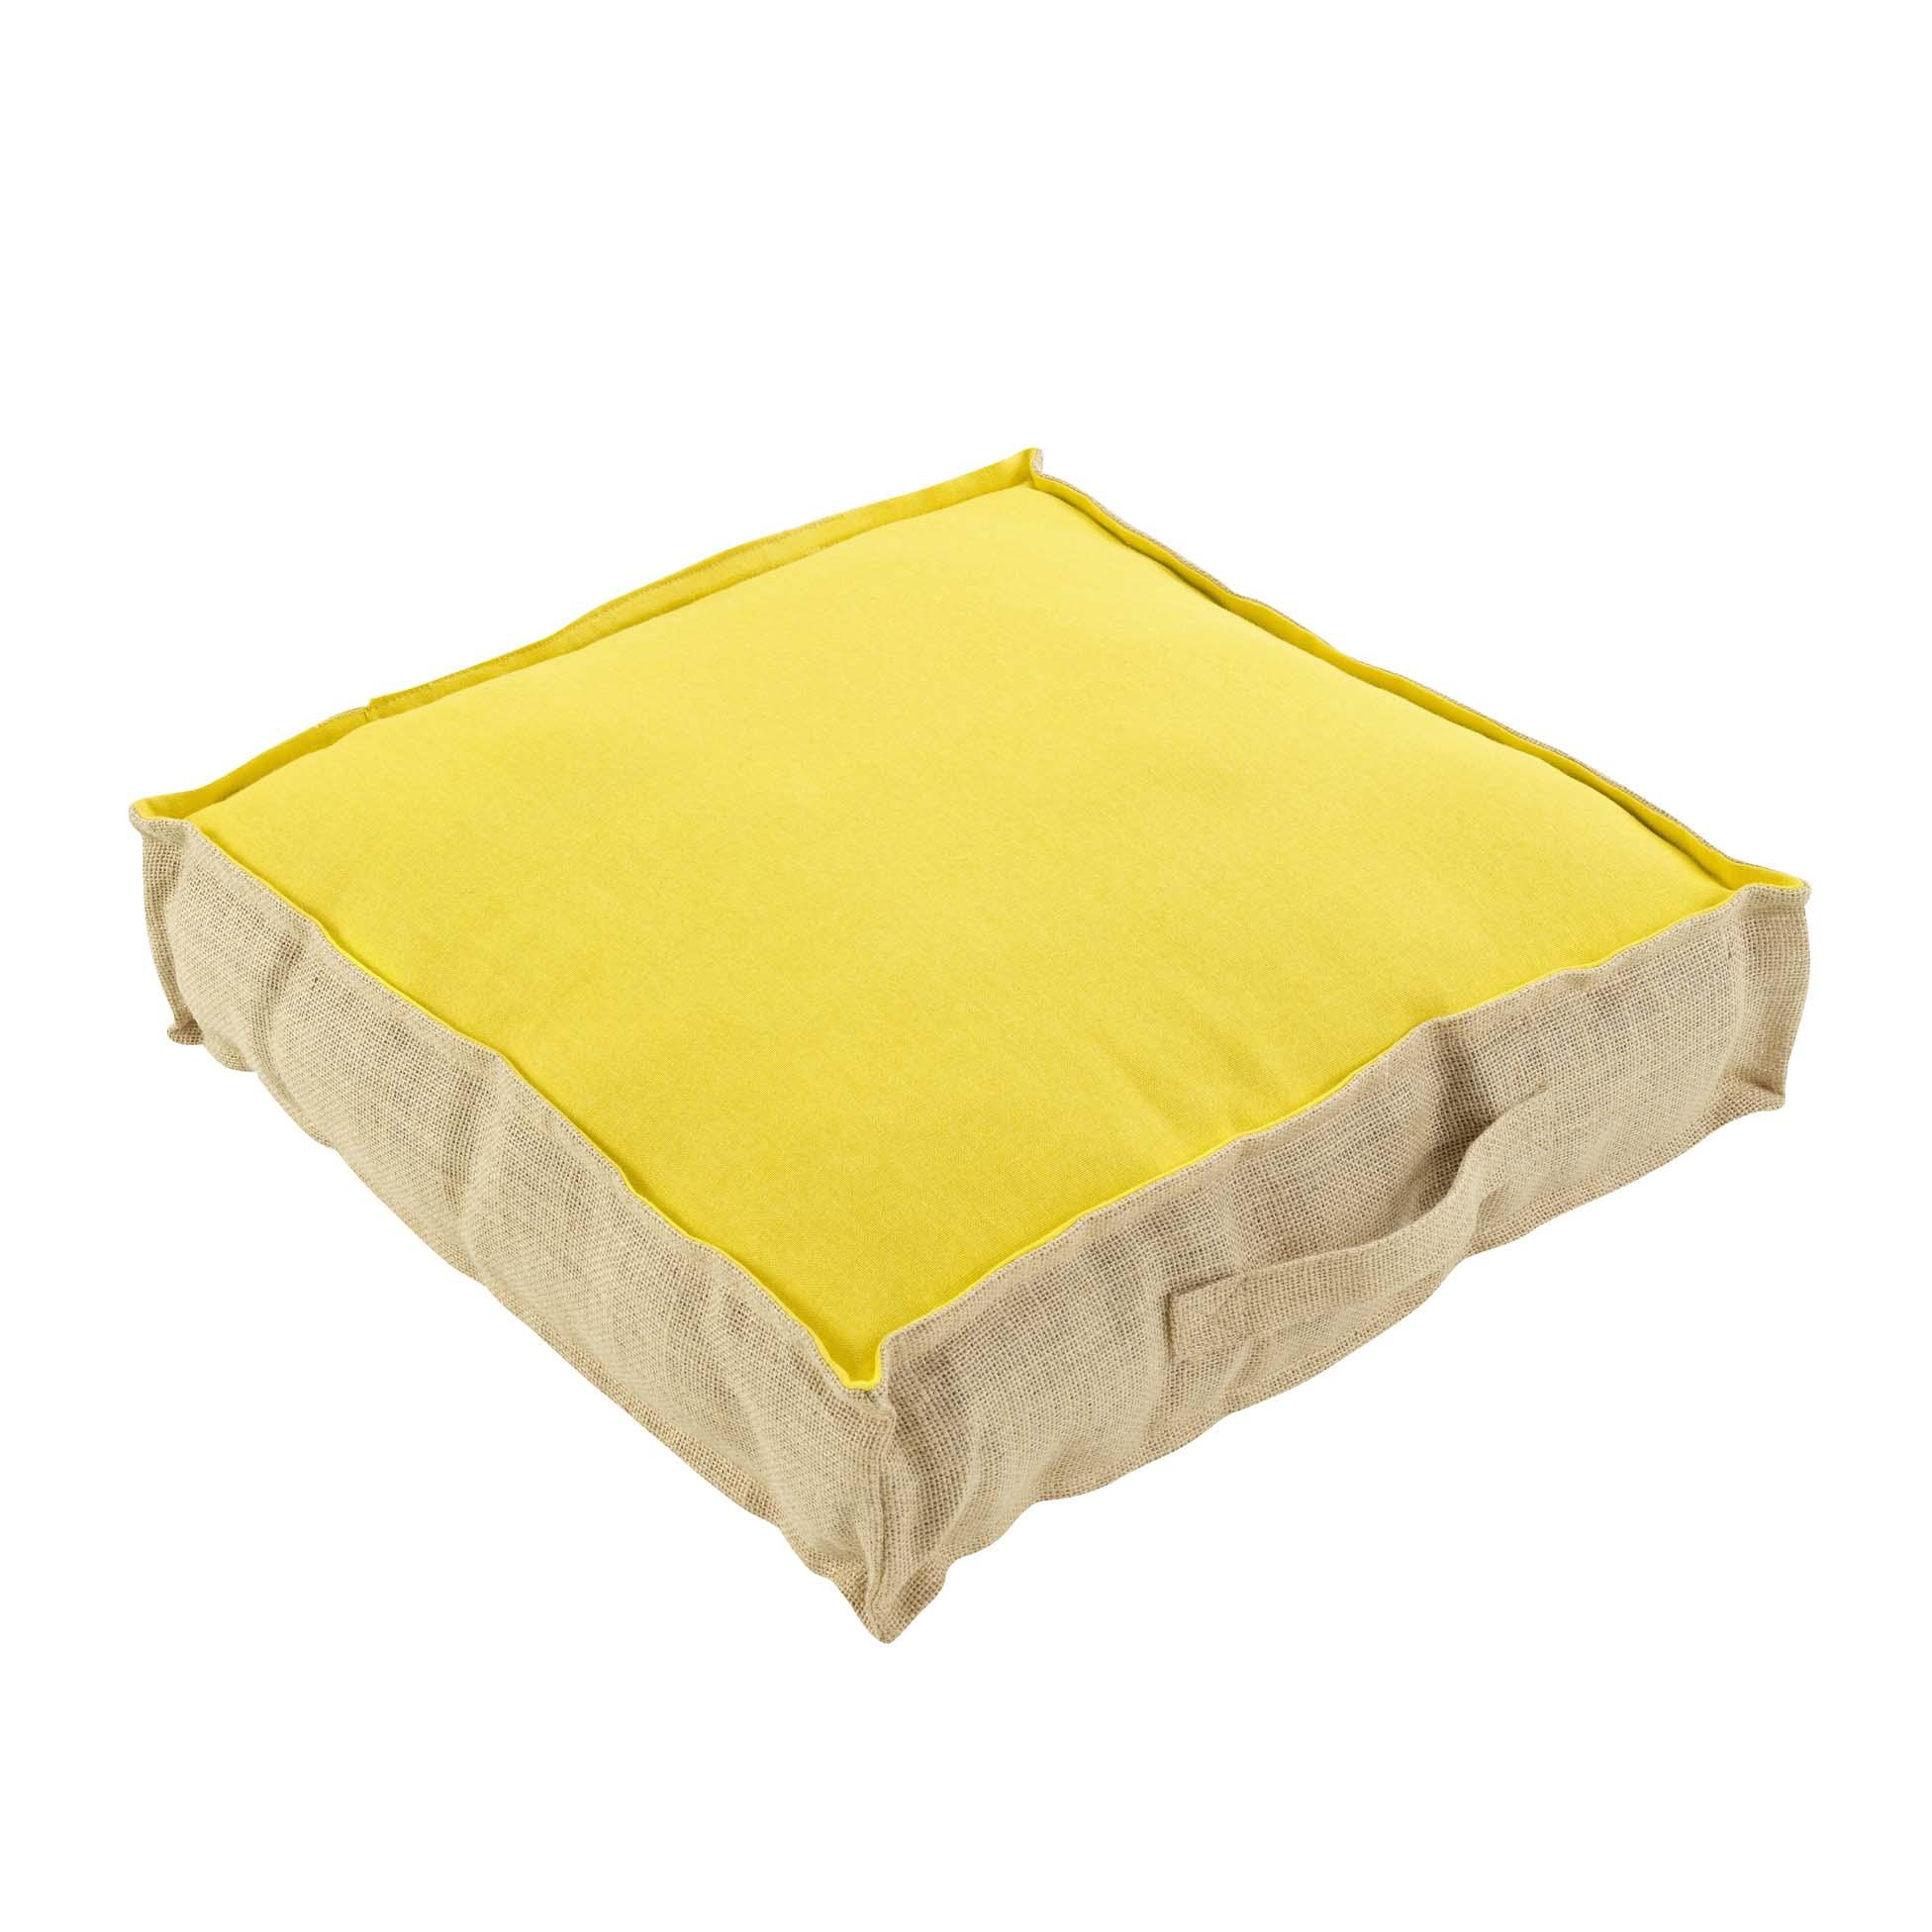 Coussin de sol coton et jute coton jaune 45x45